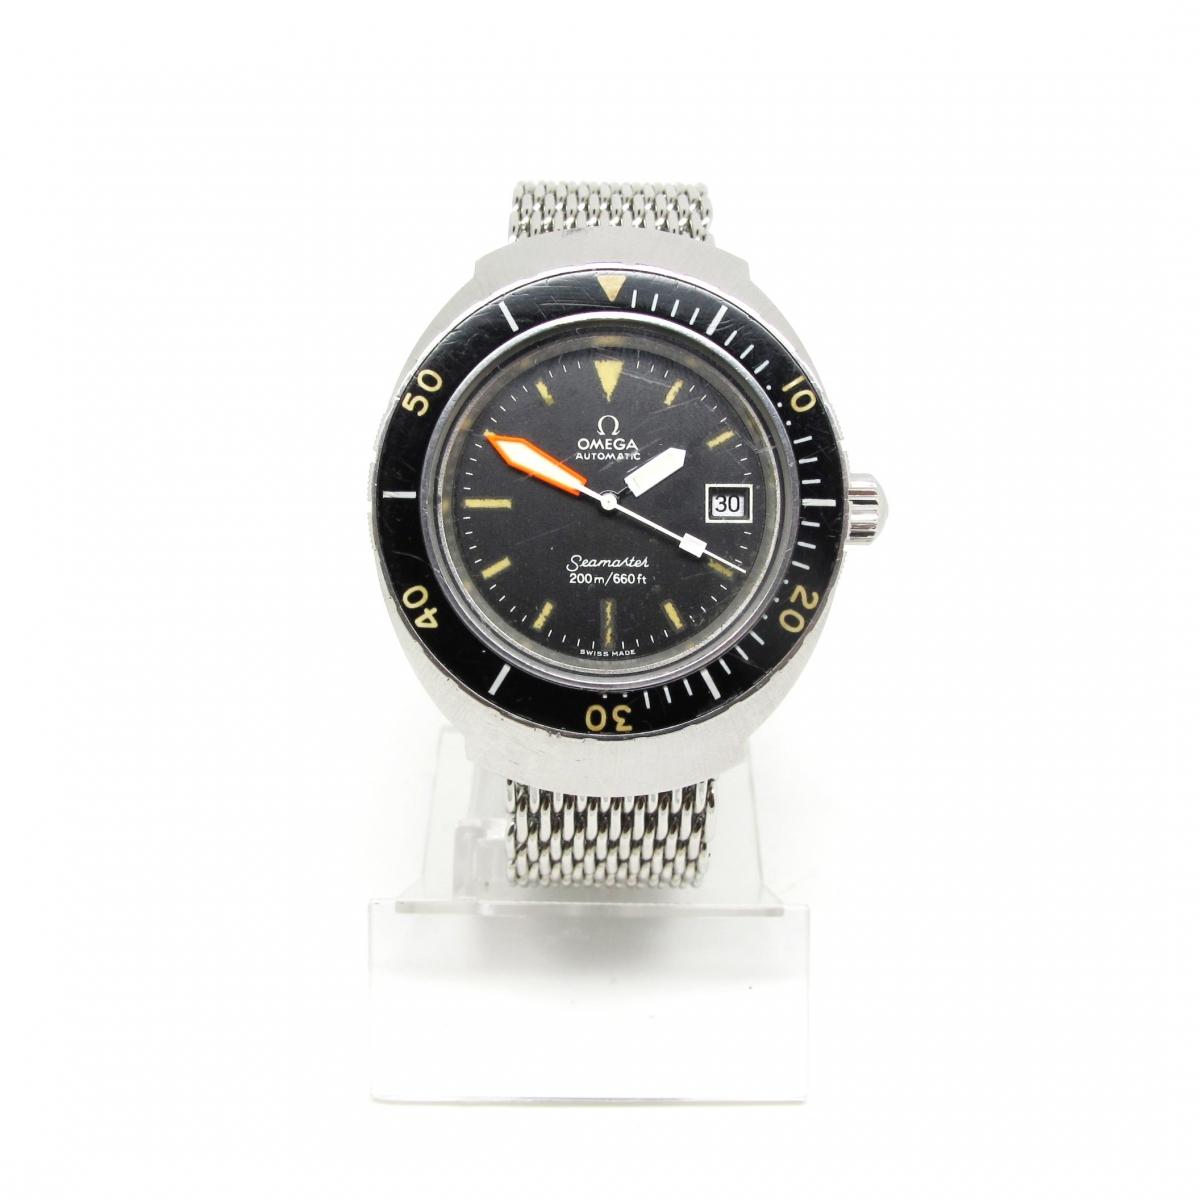 Omega vintage pilot watch